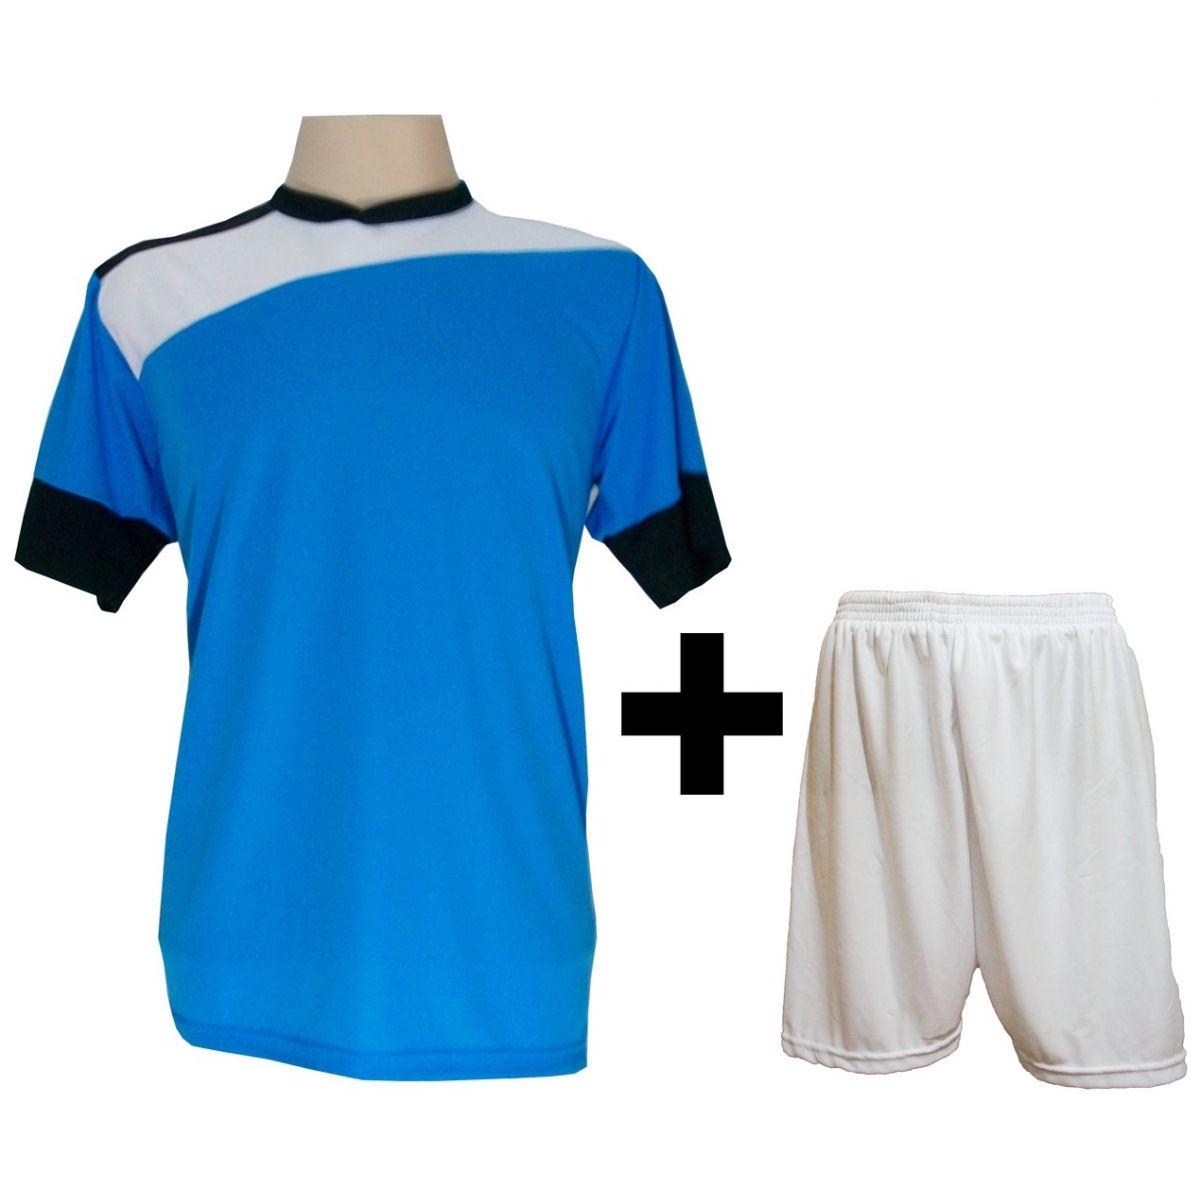 Uniforme Esportivo com 14 camisas modelo Sporting Celeste/Branco/Preto + 14 calções modelo Madrid + 1 Goleiro + Brindes